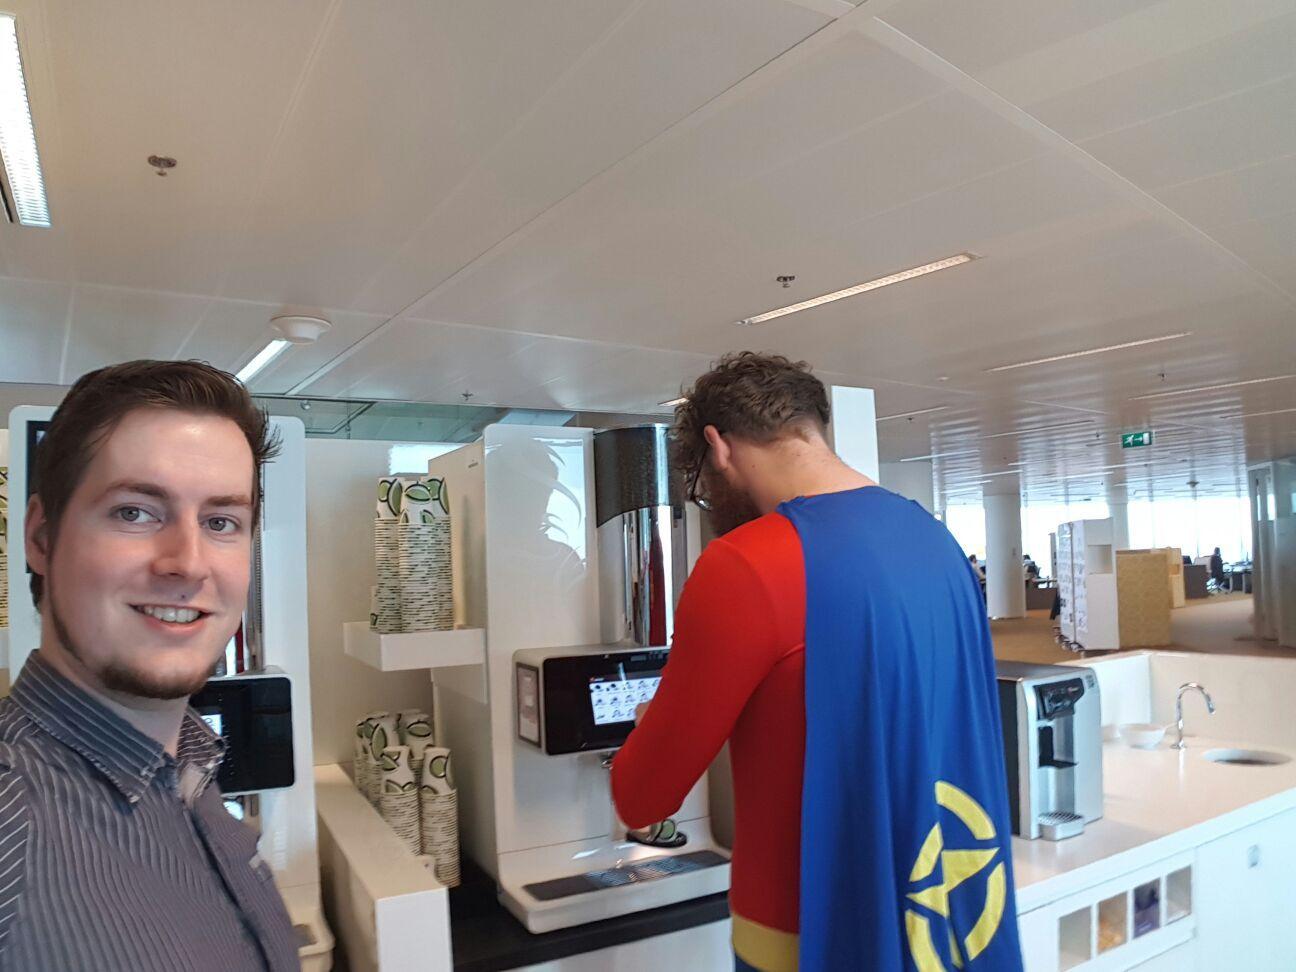 Michael 3 CloseSure Vacature Jonge Helden Business Intelligence Testen Noord Zuid Midden Oost West Nederland